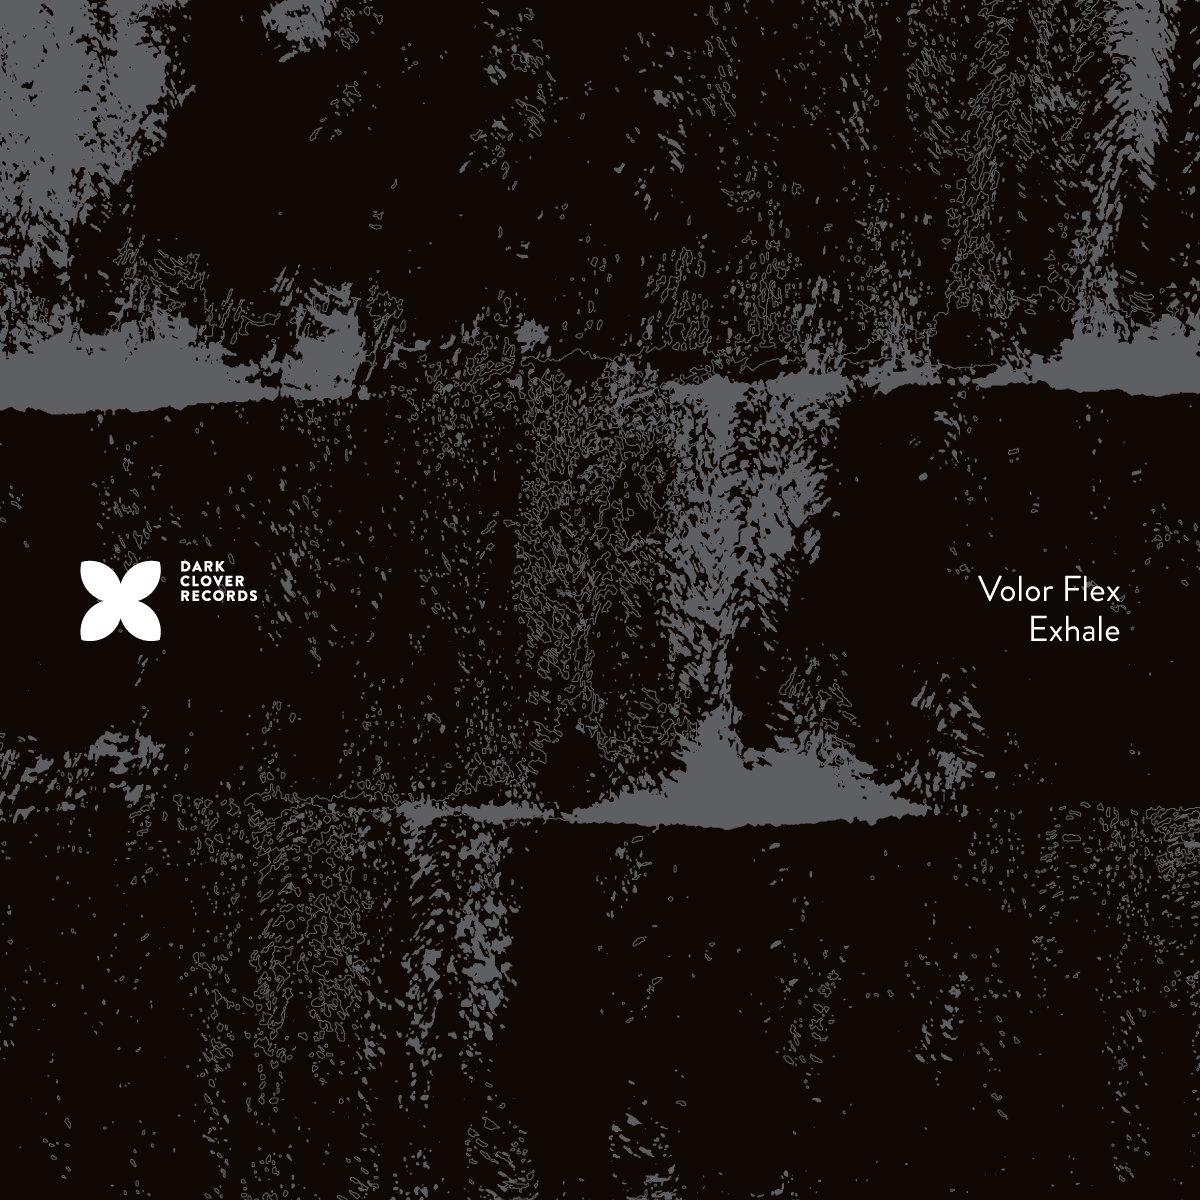 14. Volor Flex - Exhale